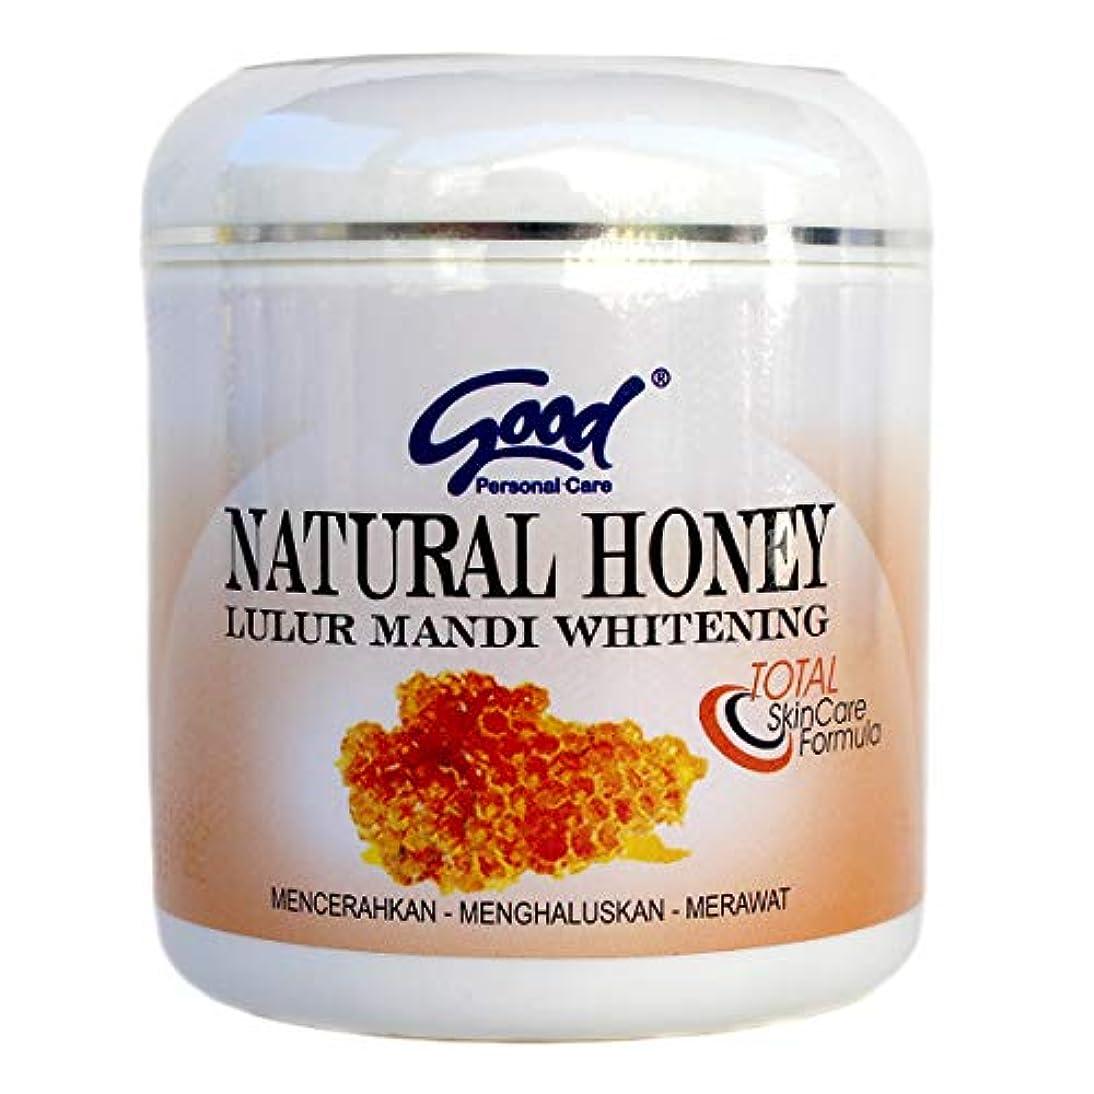 スプレープレゼンテーション怠なgood グッド インドネシアバリ島の伝統的なボディスクラブ Lulur Mandi マンディルルール 200g Natural Honey ナチュラルハニー [海外直送品]